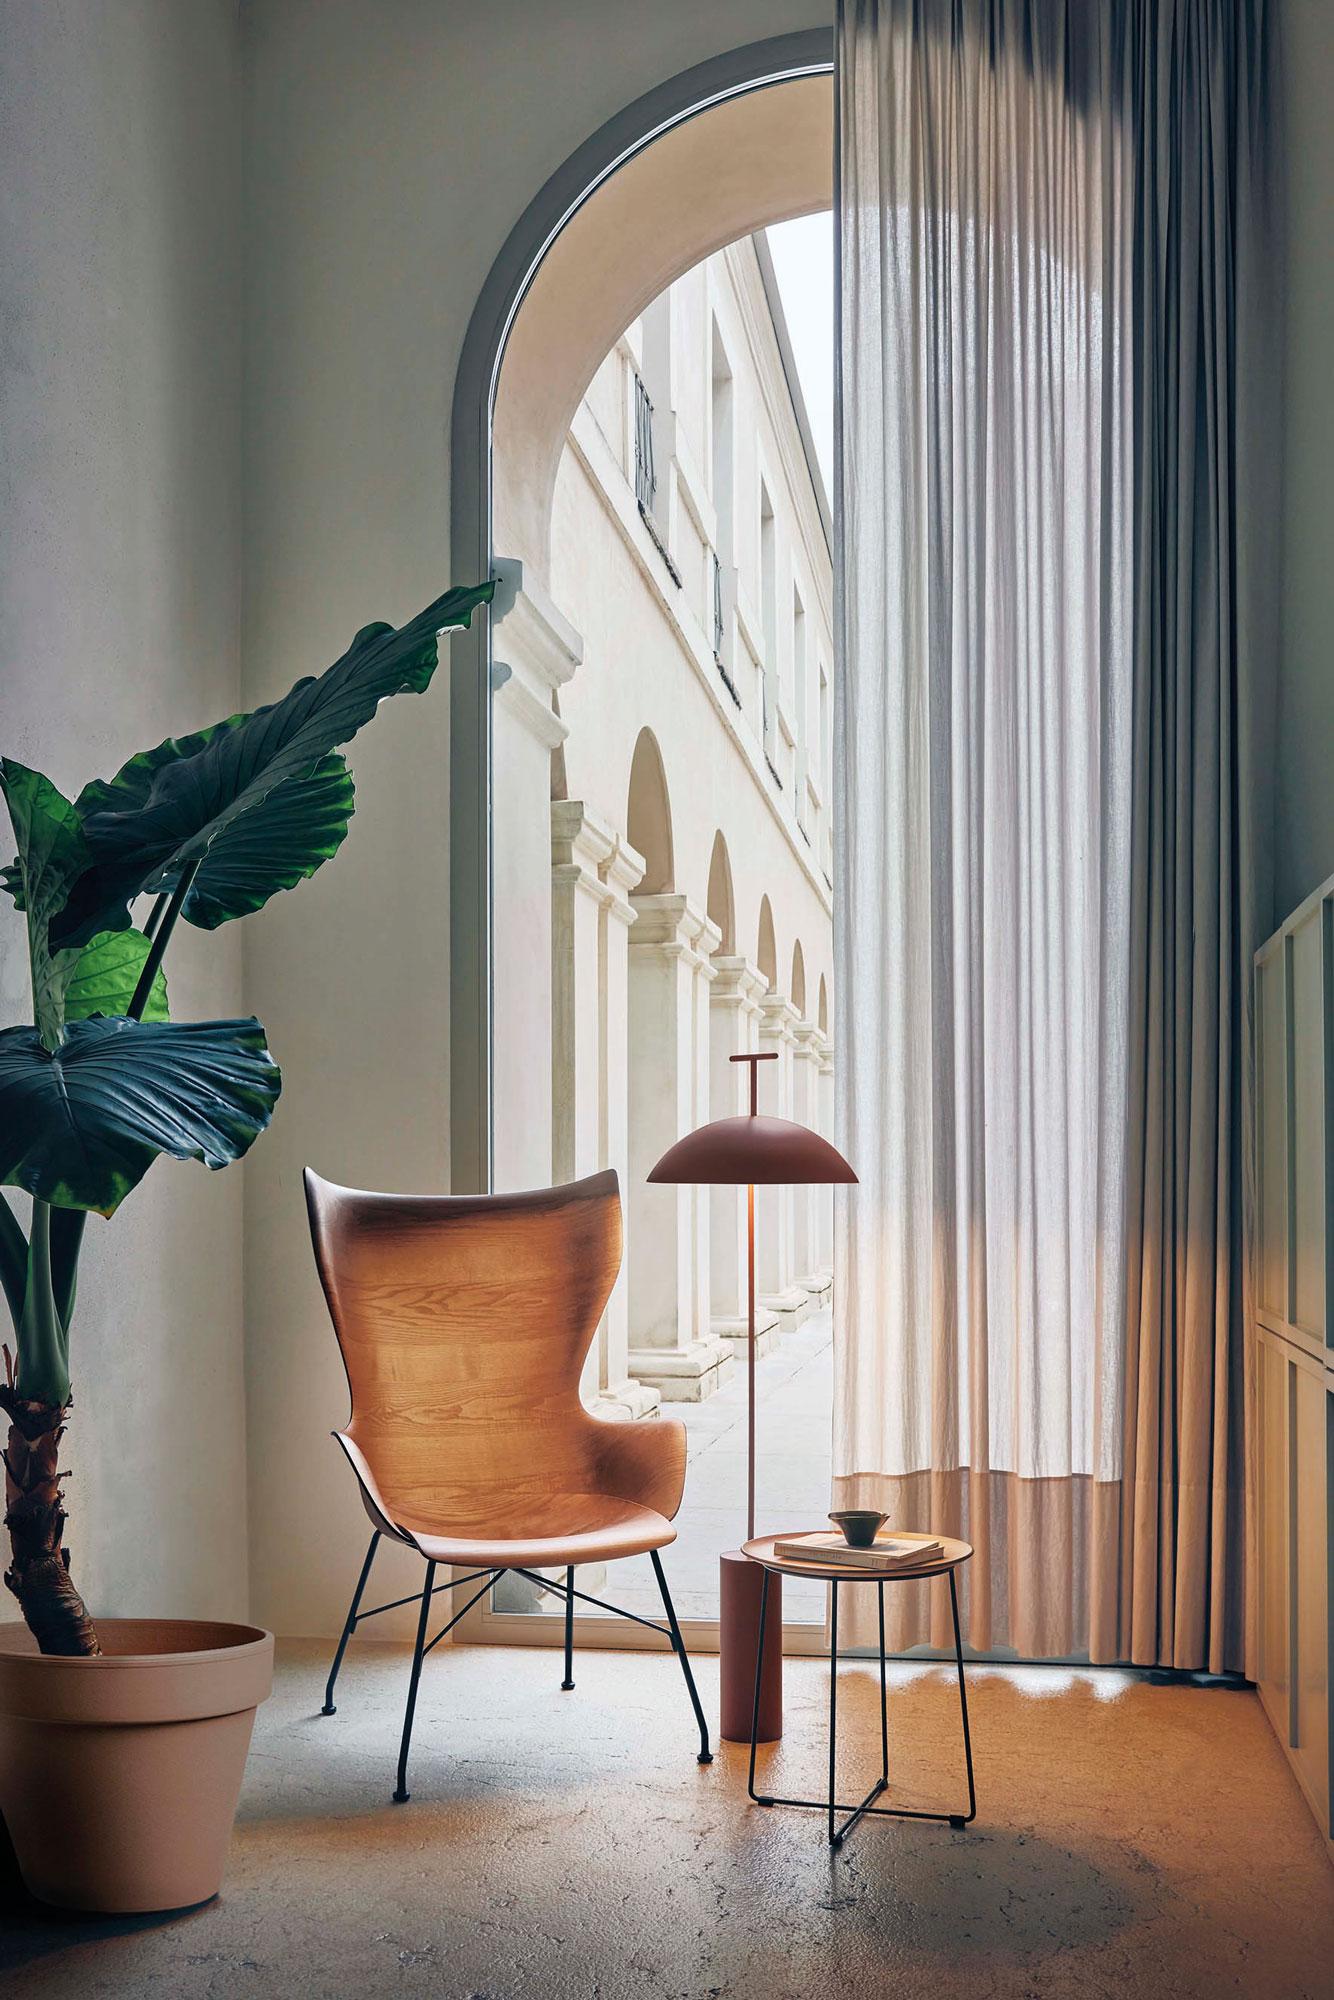 Möbel aus FSC-zertifiziertem Holz von Philippe Starck für Kartell